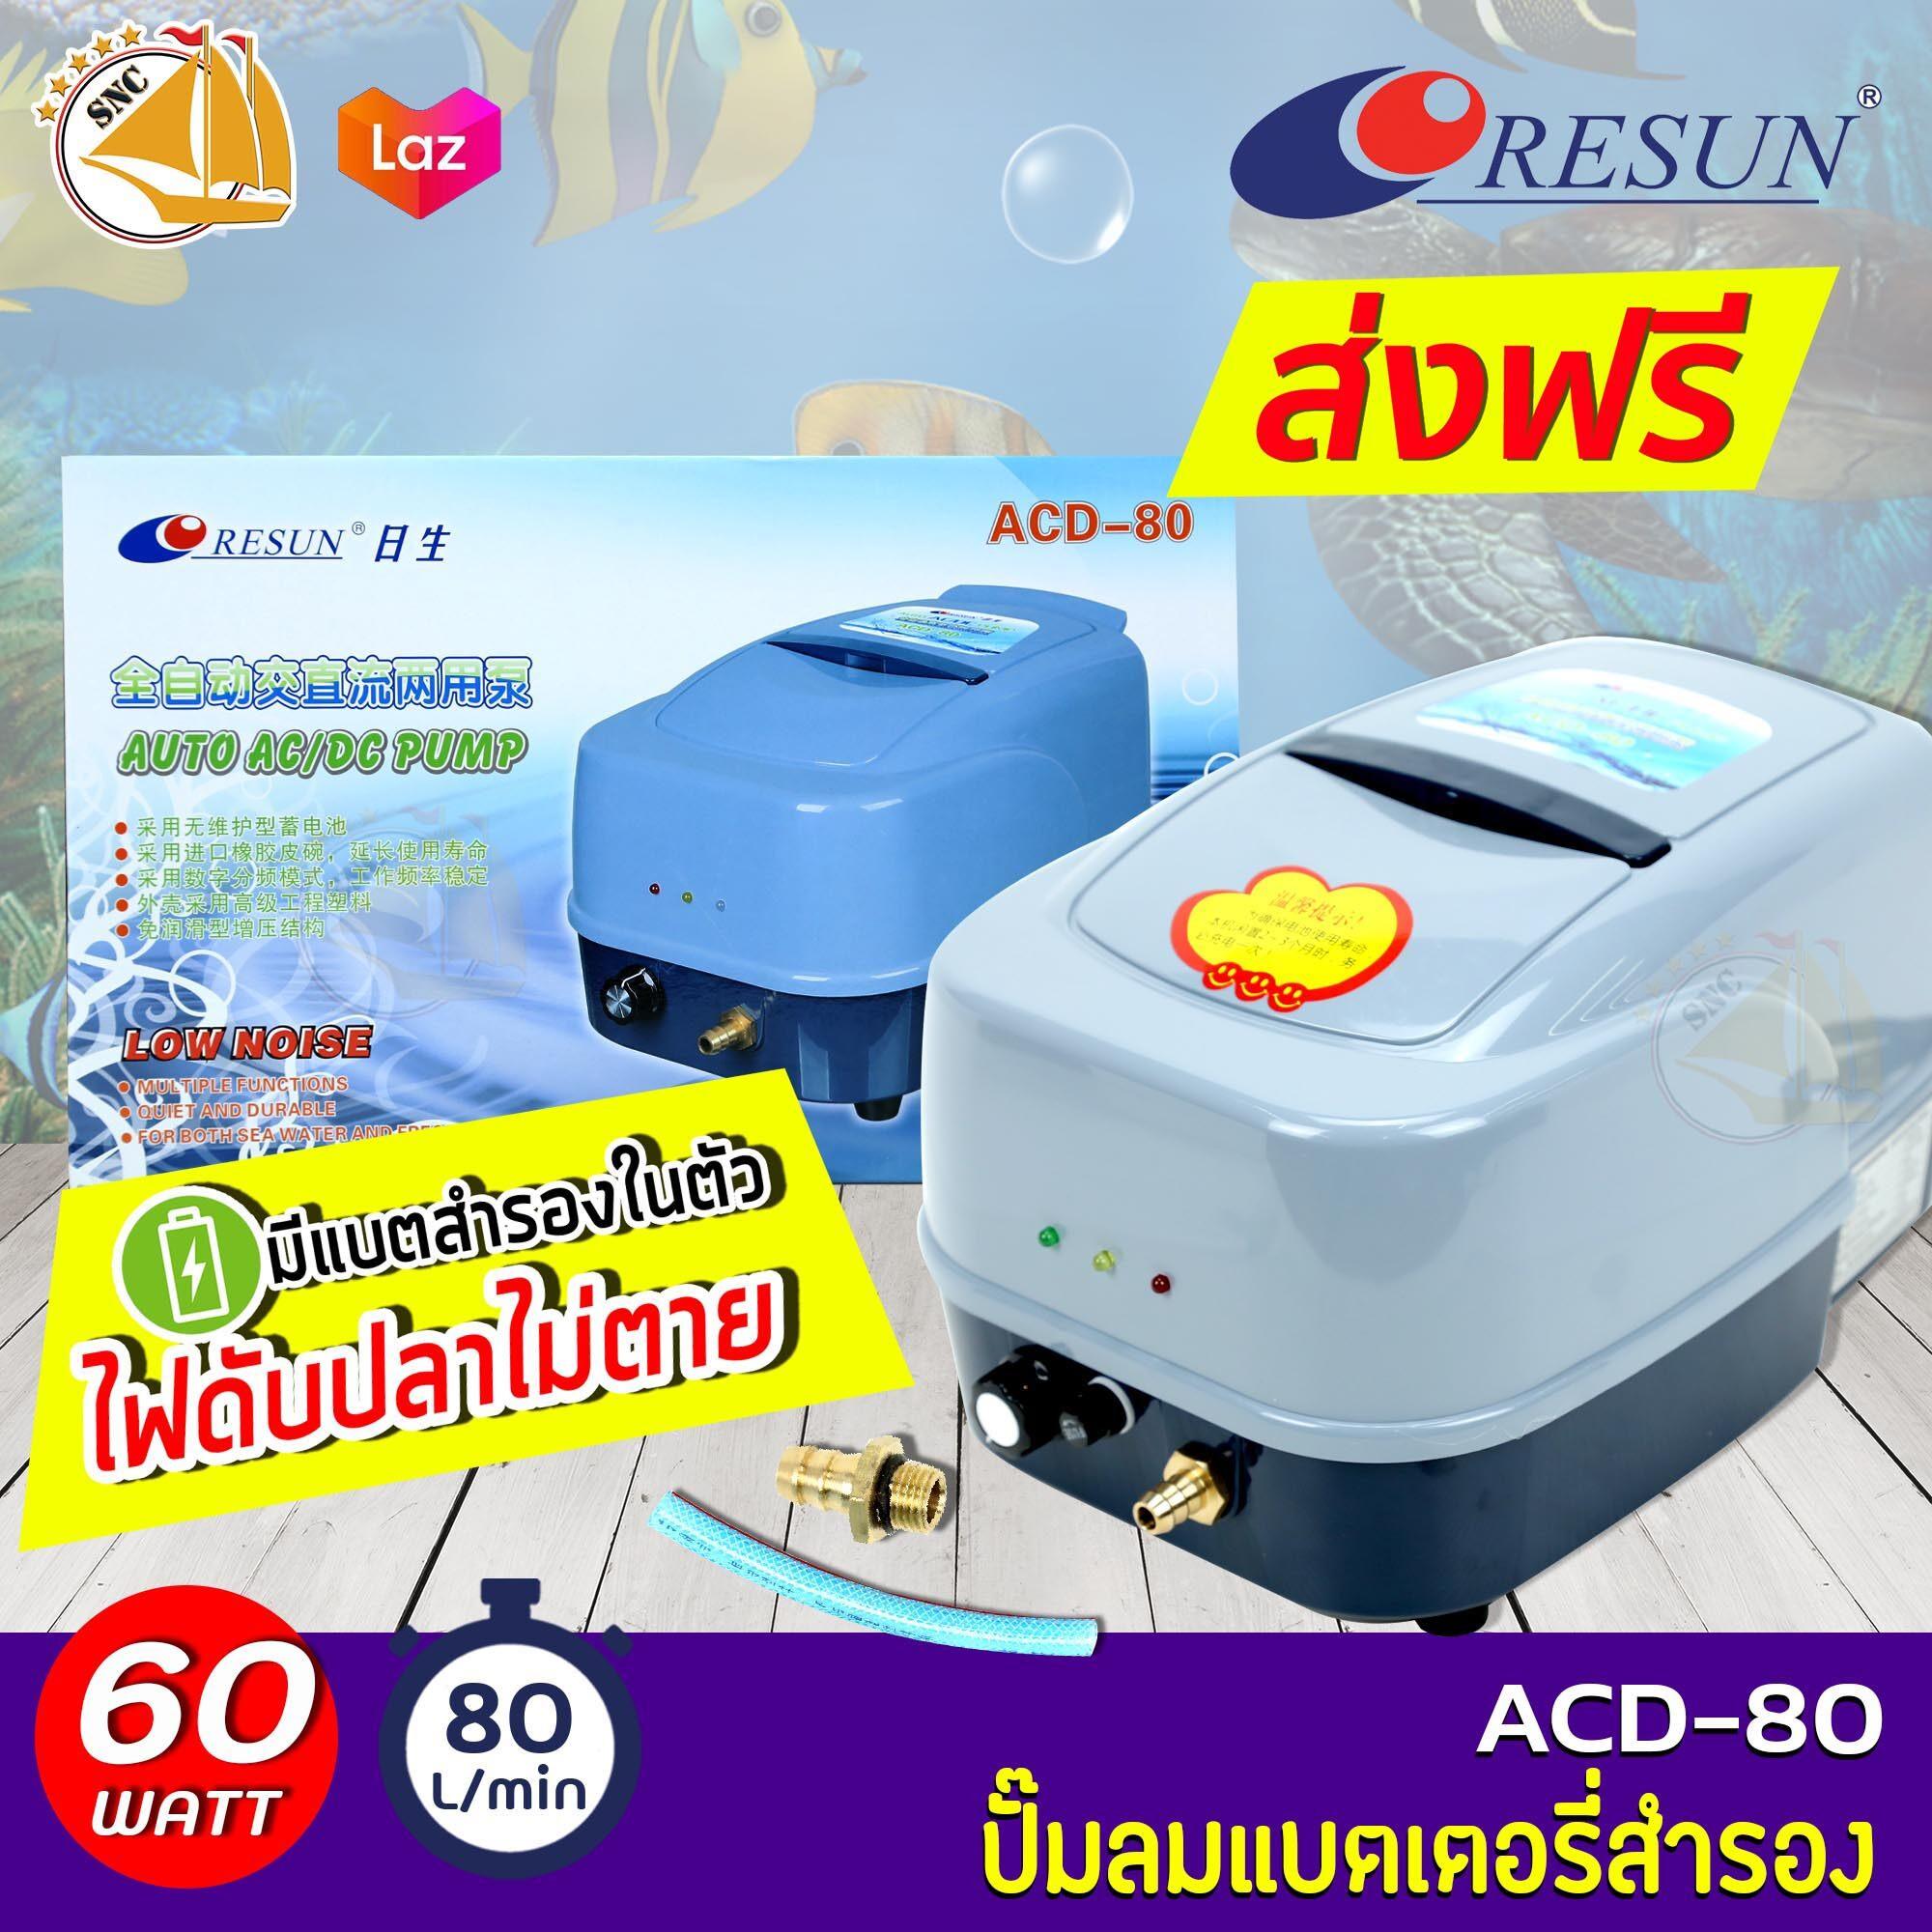 Resun ACD-80 ปั๊มลมแบตเตอร์รี่สำรอง ตู้ปลา บ่อปลา ไฟดับปลาไม่ตาย